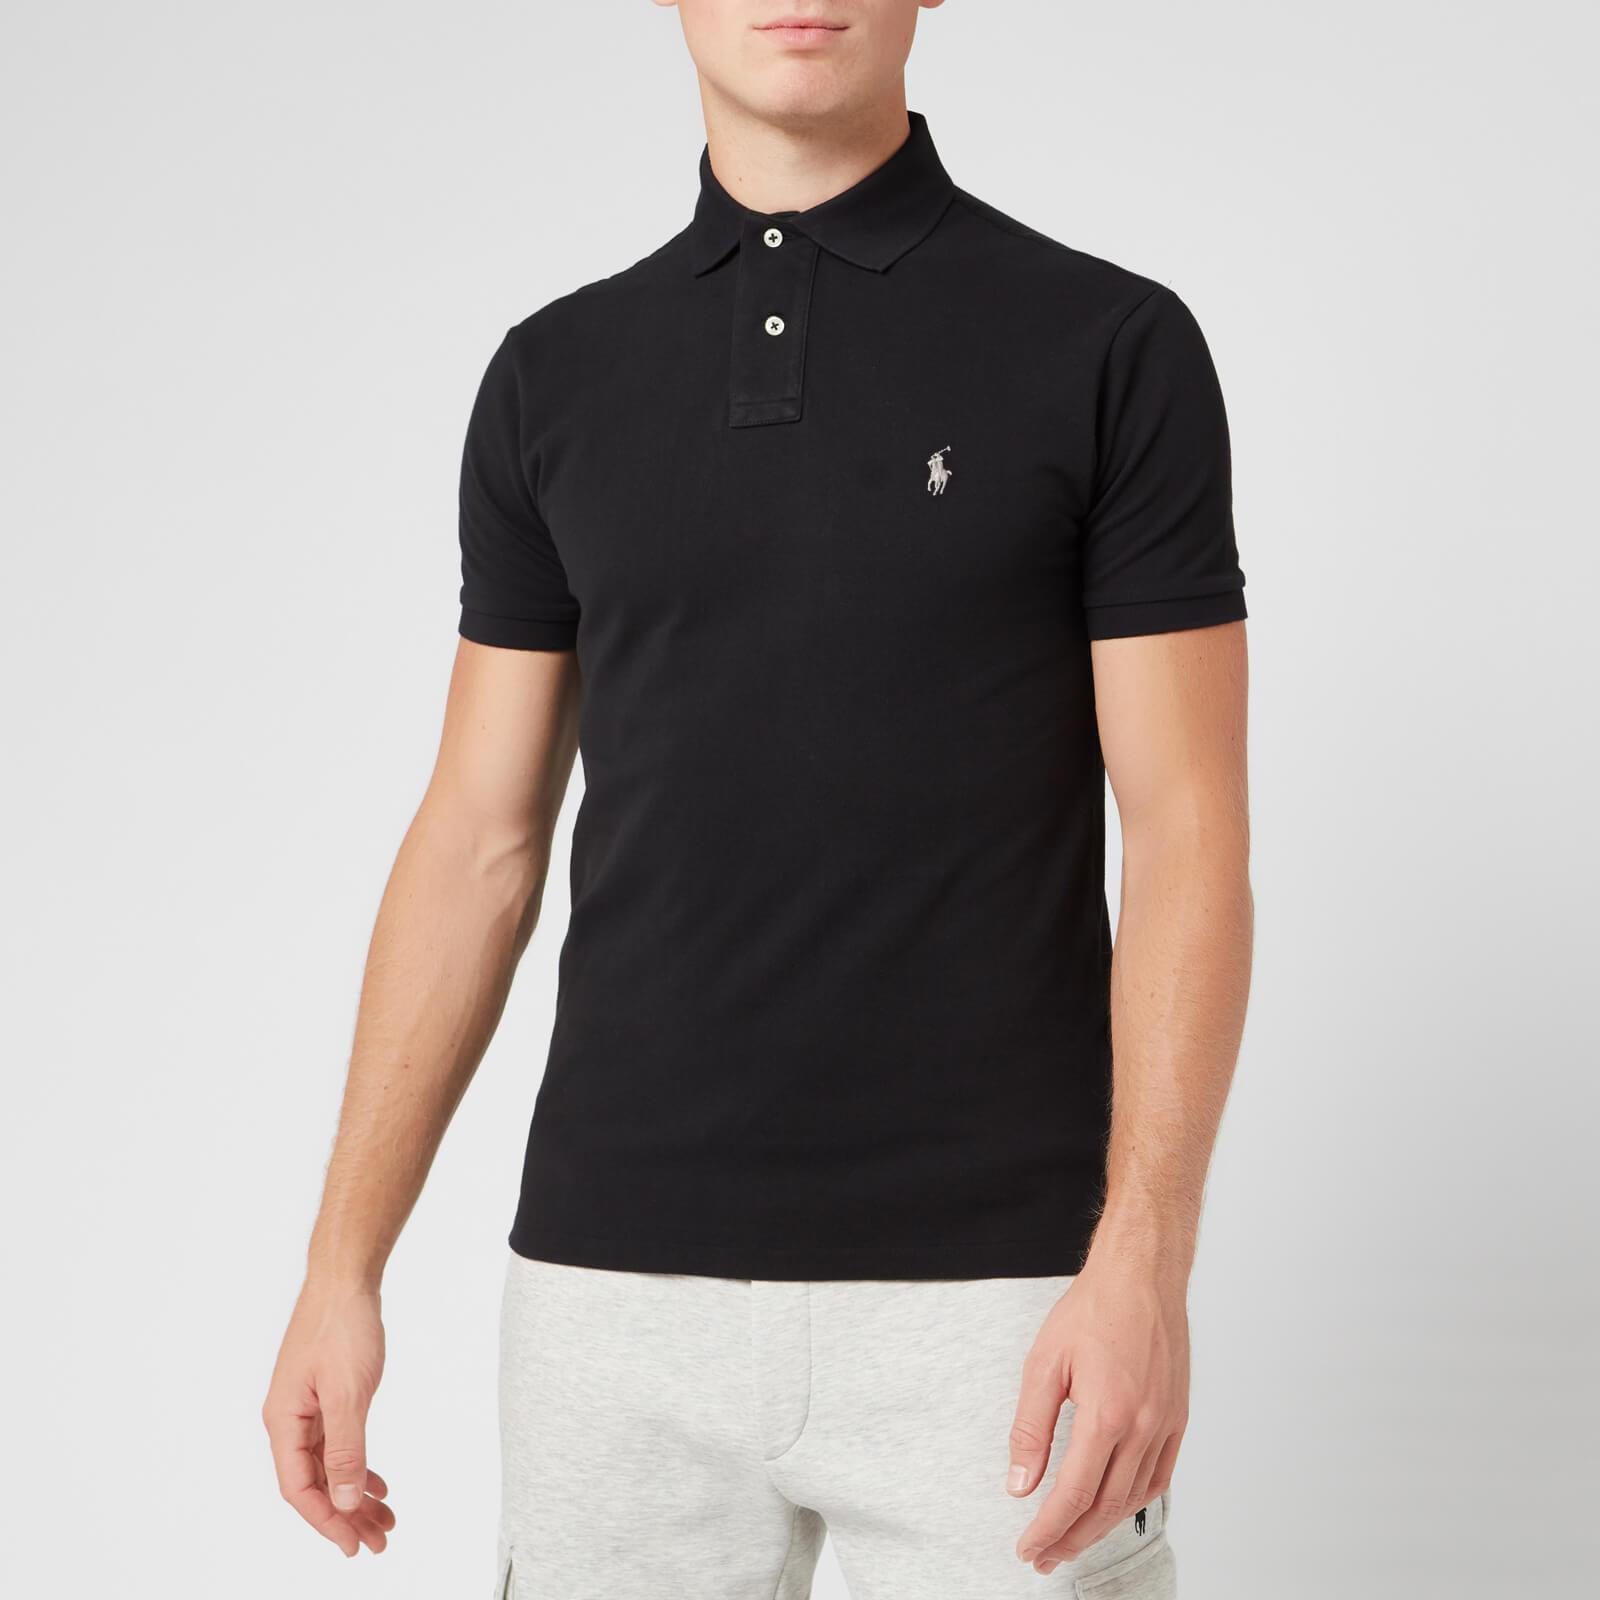 ralph lauren mens black polo shirt Shop Clothing & Shoes Online